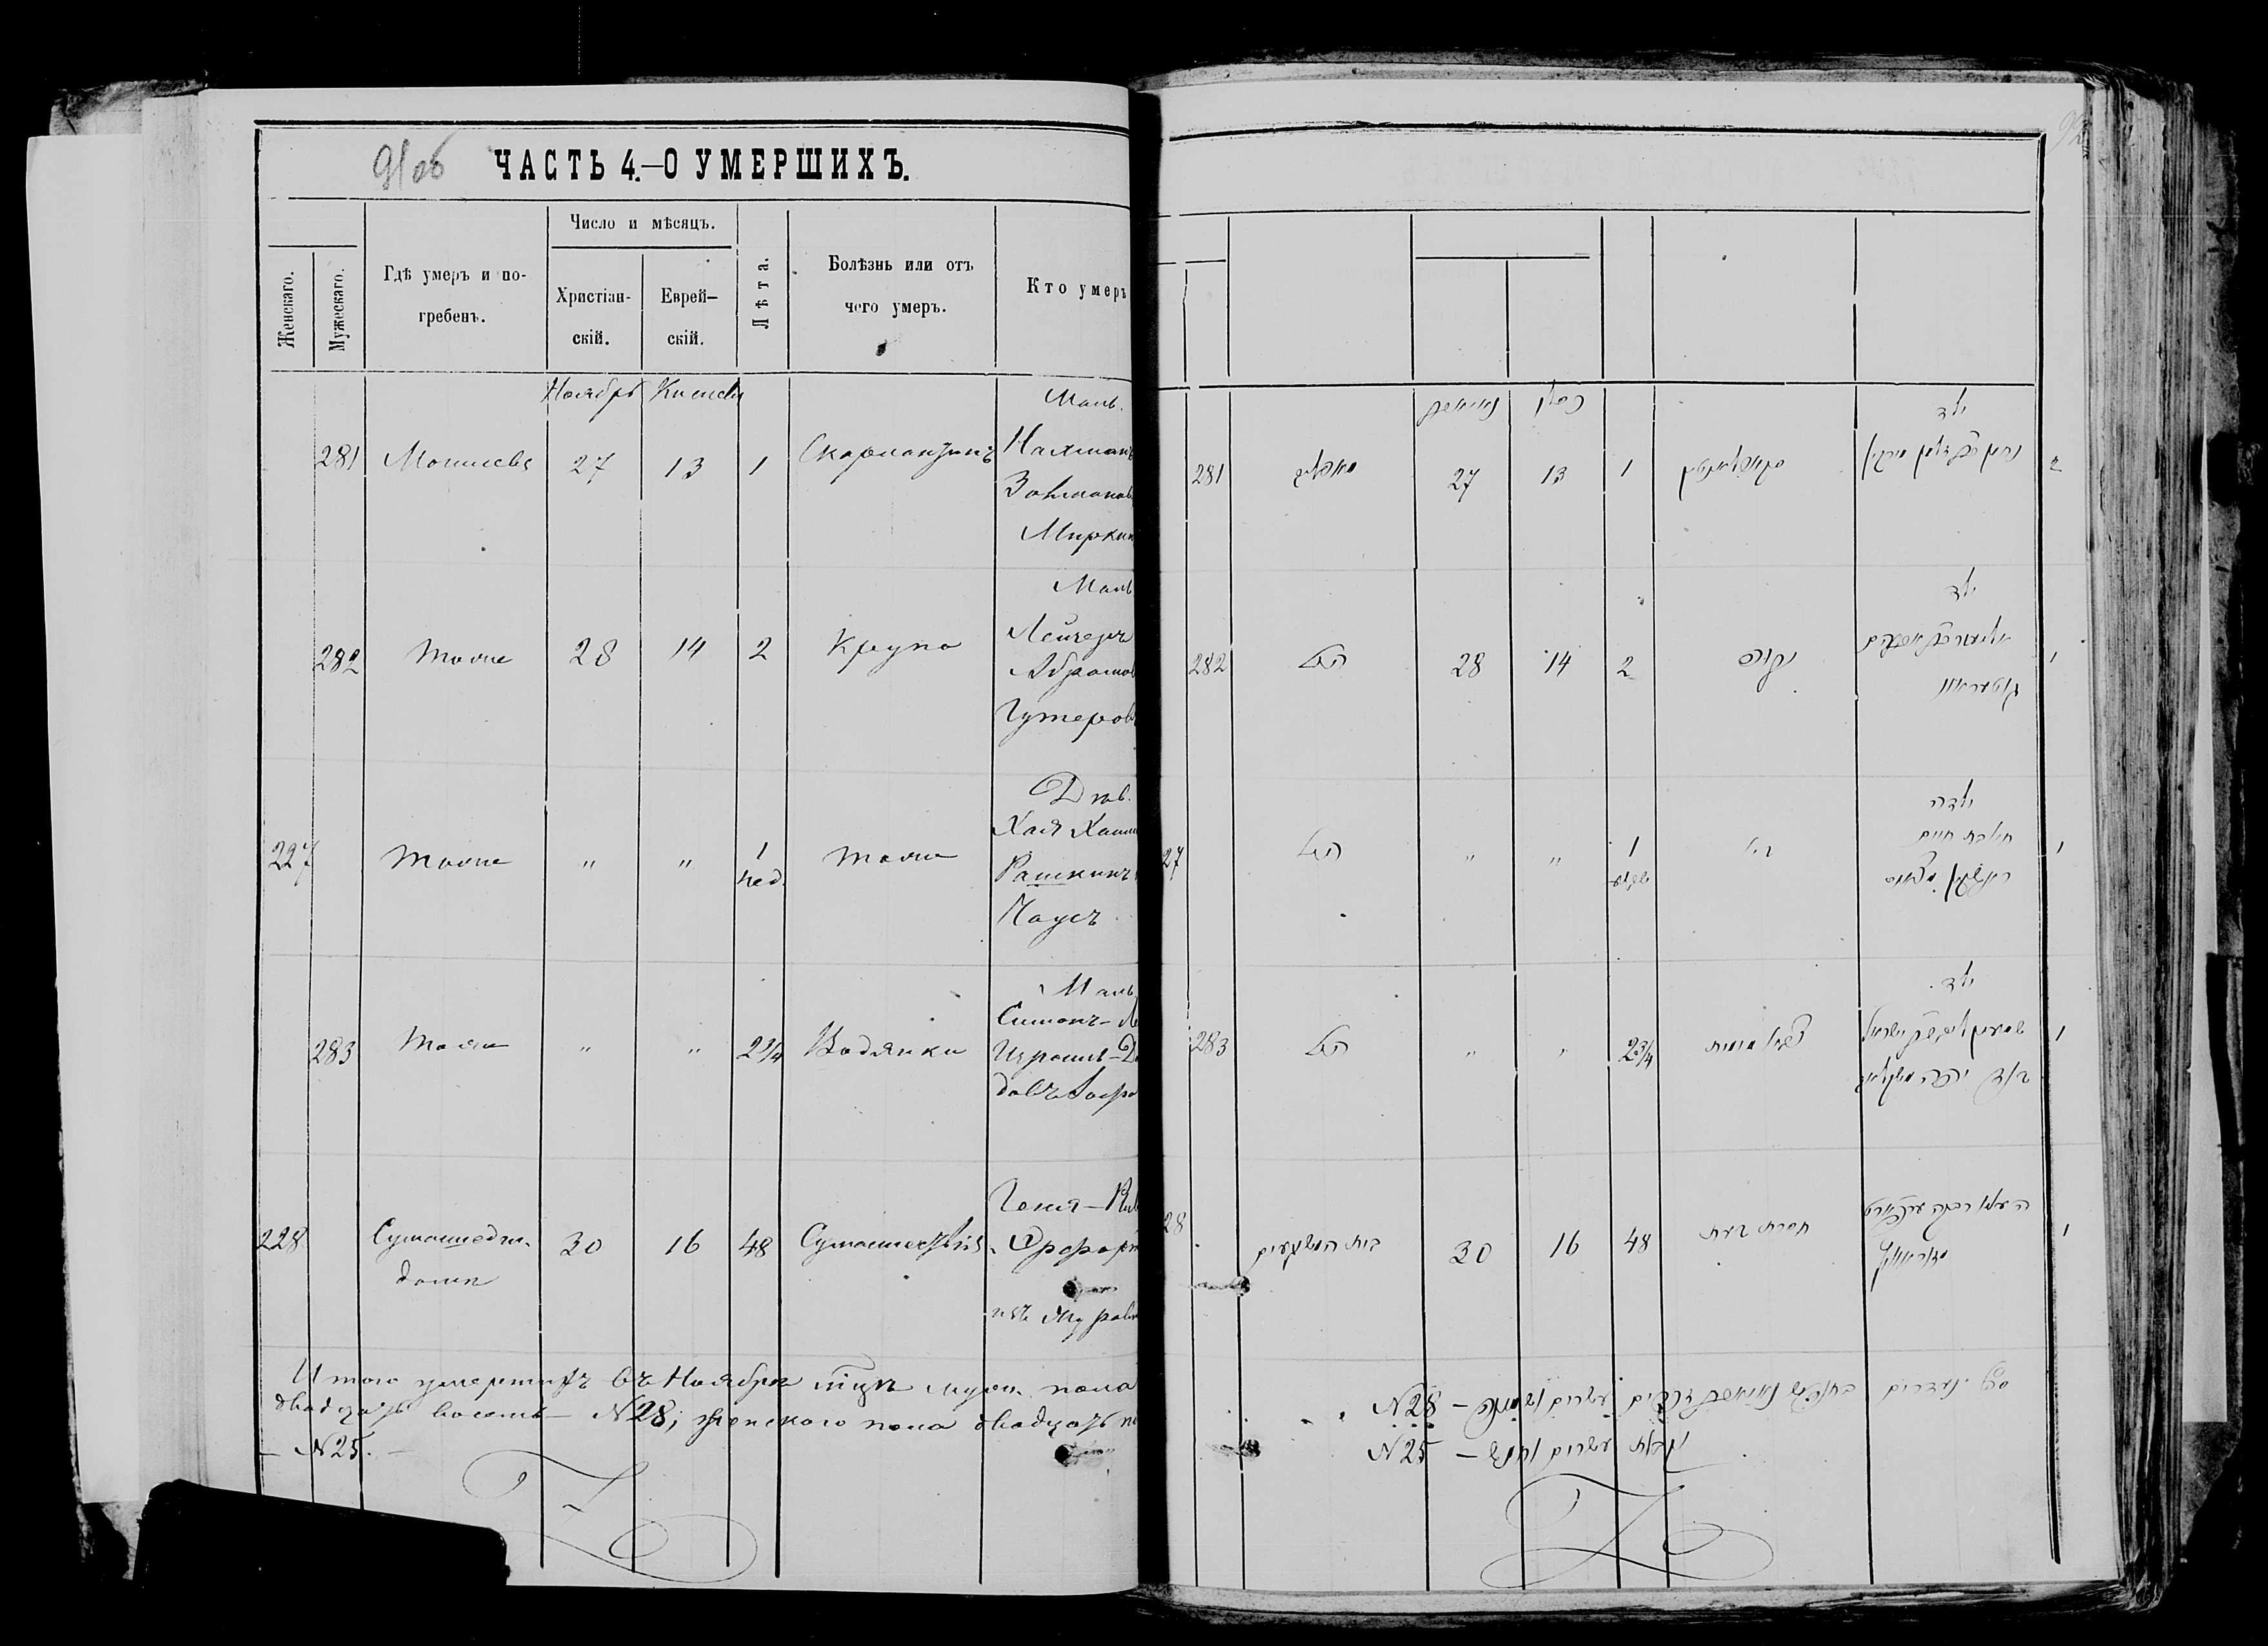 Нахман Залманович Миркин ум. 27 ноября 1878, запись 281, пленка 007766481, снимок 210